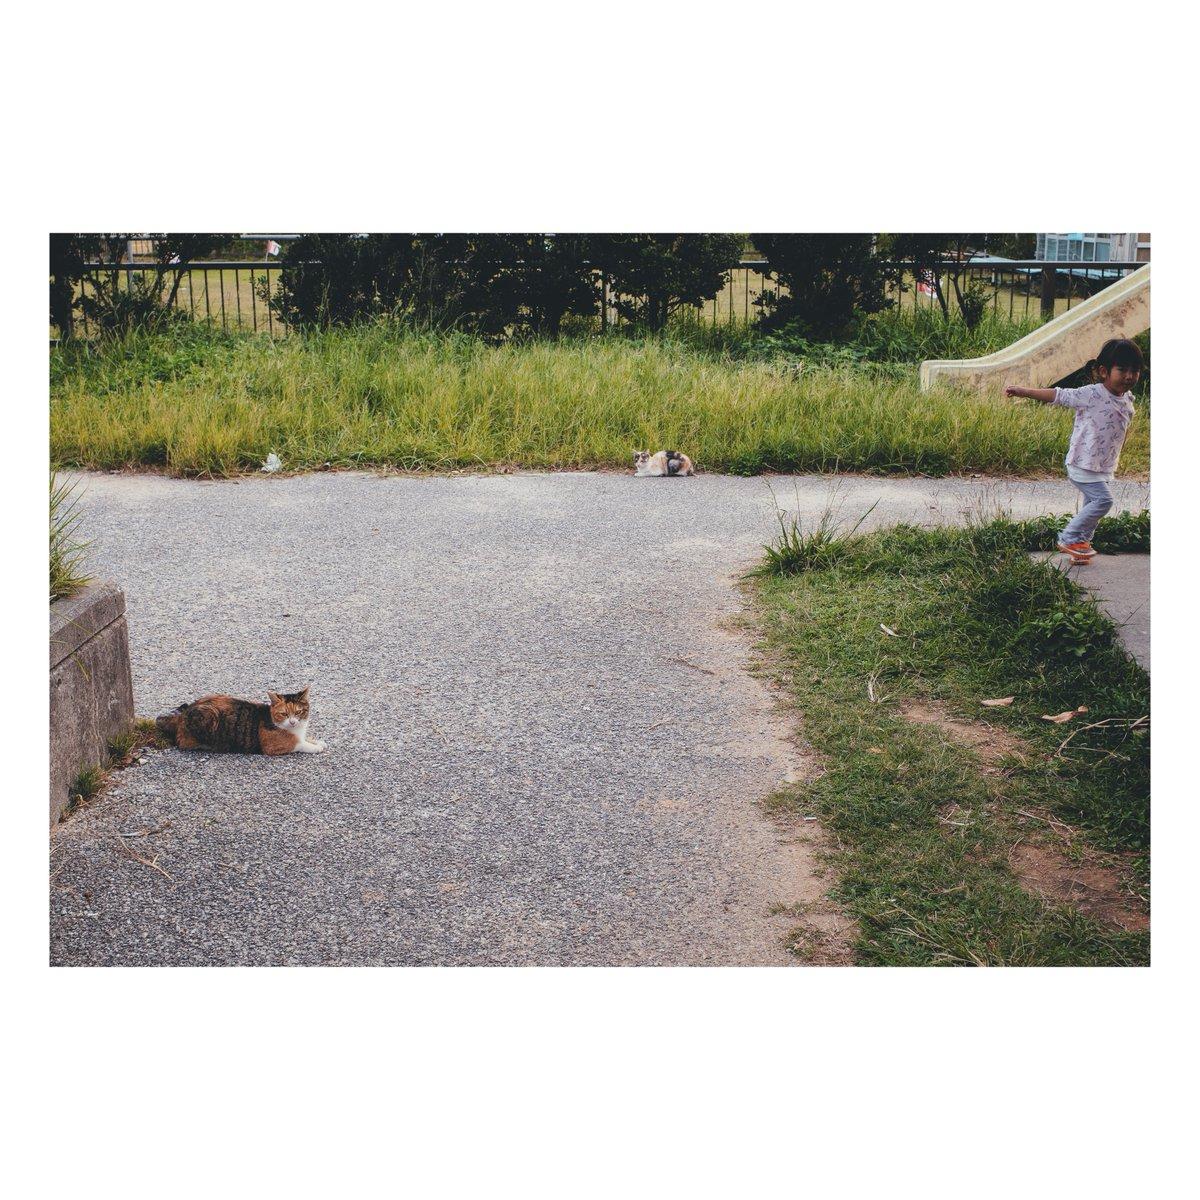 シュール。 #写真 #ファインダー越しの私の世界  #写真シェア #写真好きと繋がりたい  #GR3 #GRIII #沖縄 #お写ん歩 #vsco #ライフログ #にゃんこ https://t.co/GVXZWhPHOI